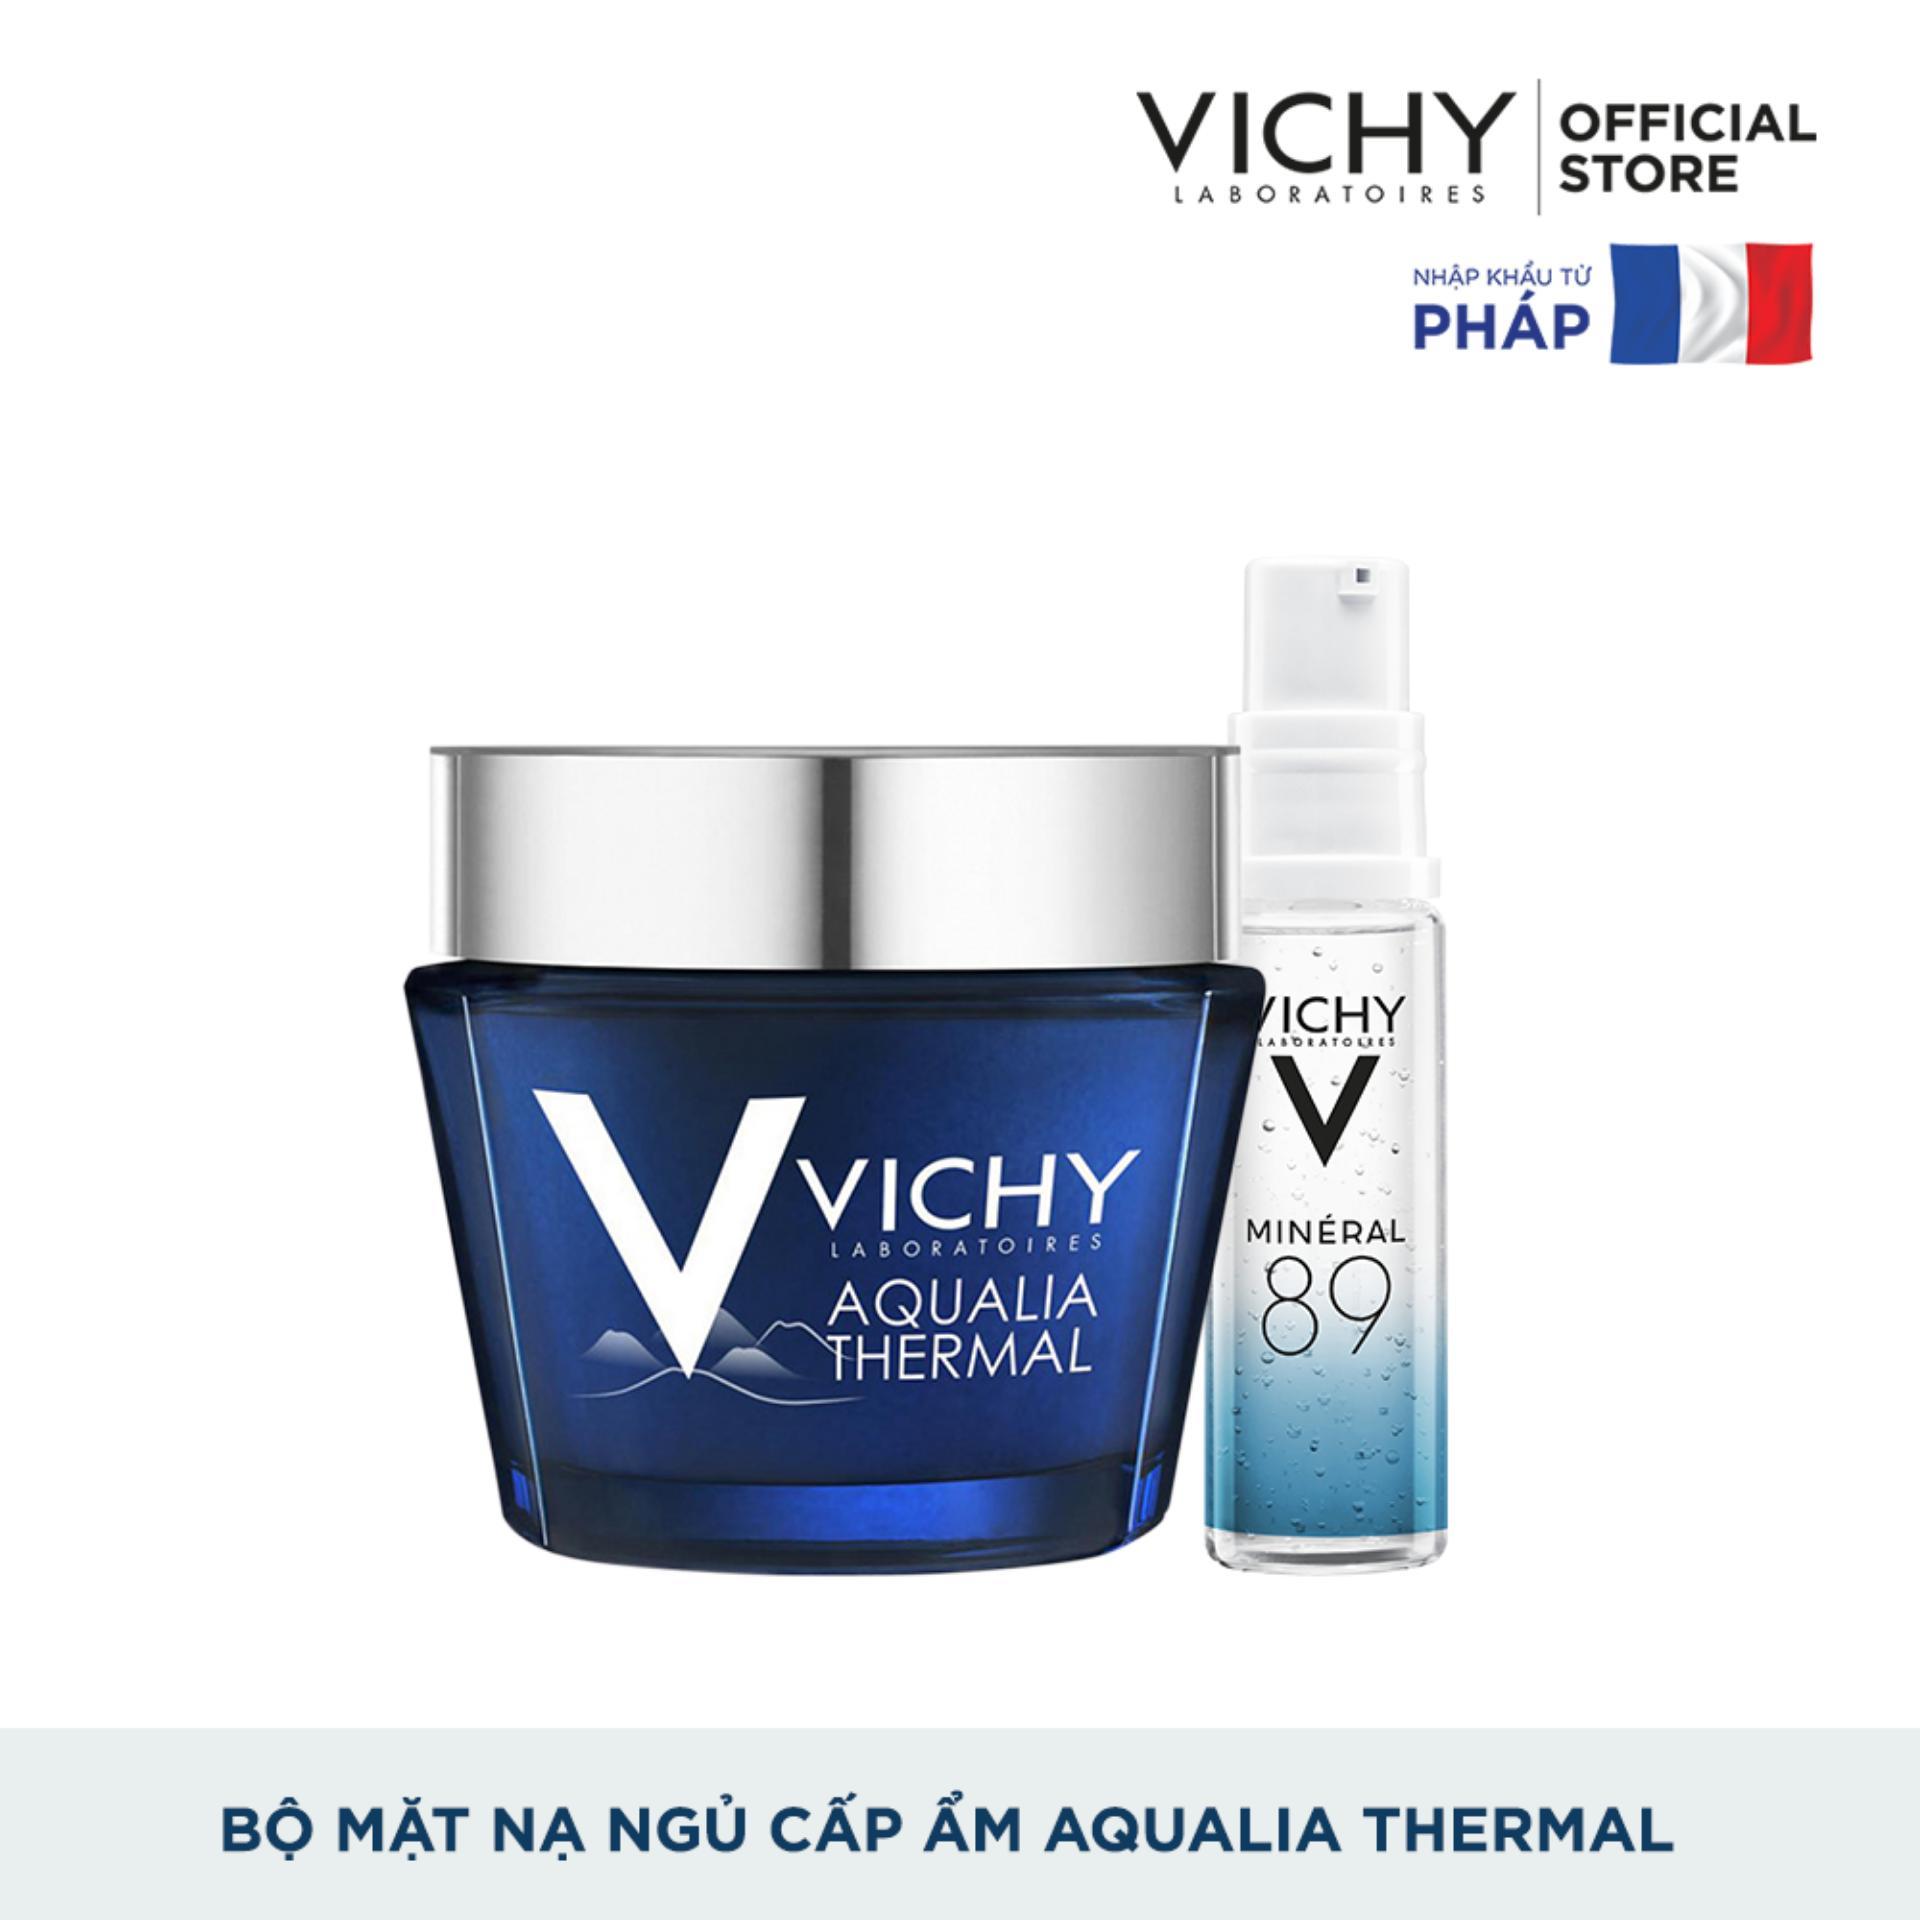 Bộ sản phẩm dưỡng kết hợp mặt nạ ngủ cấp ẩm và phục hồi da Vichy Aqualia Thermal Night Spa 75ml nhập khẩu